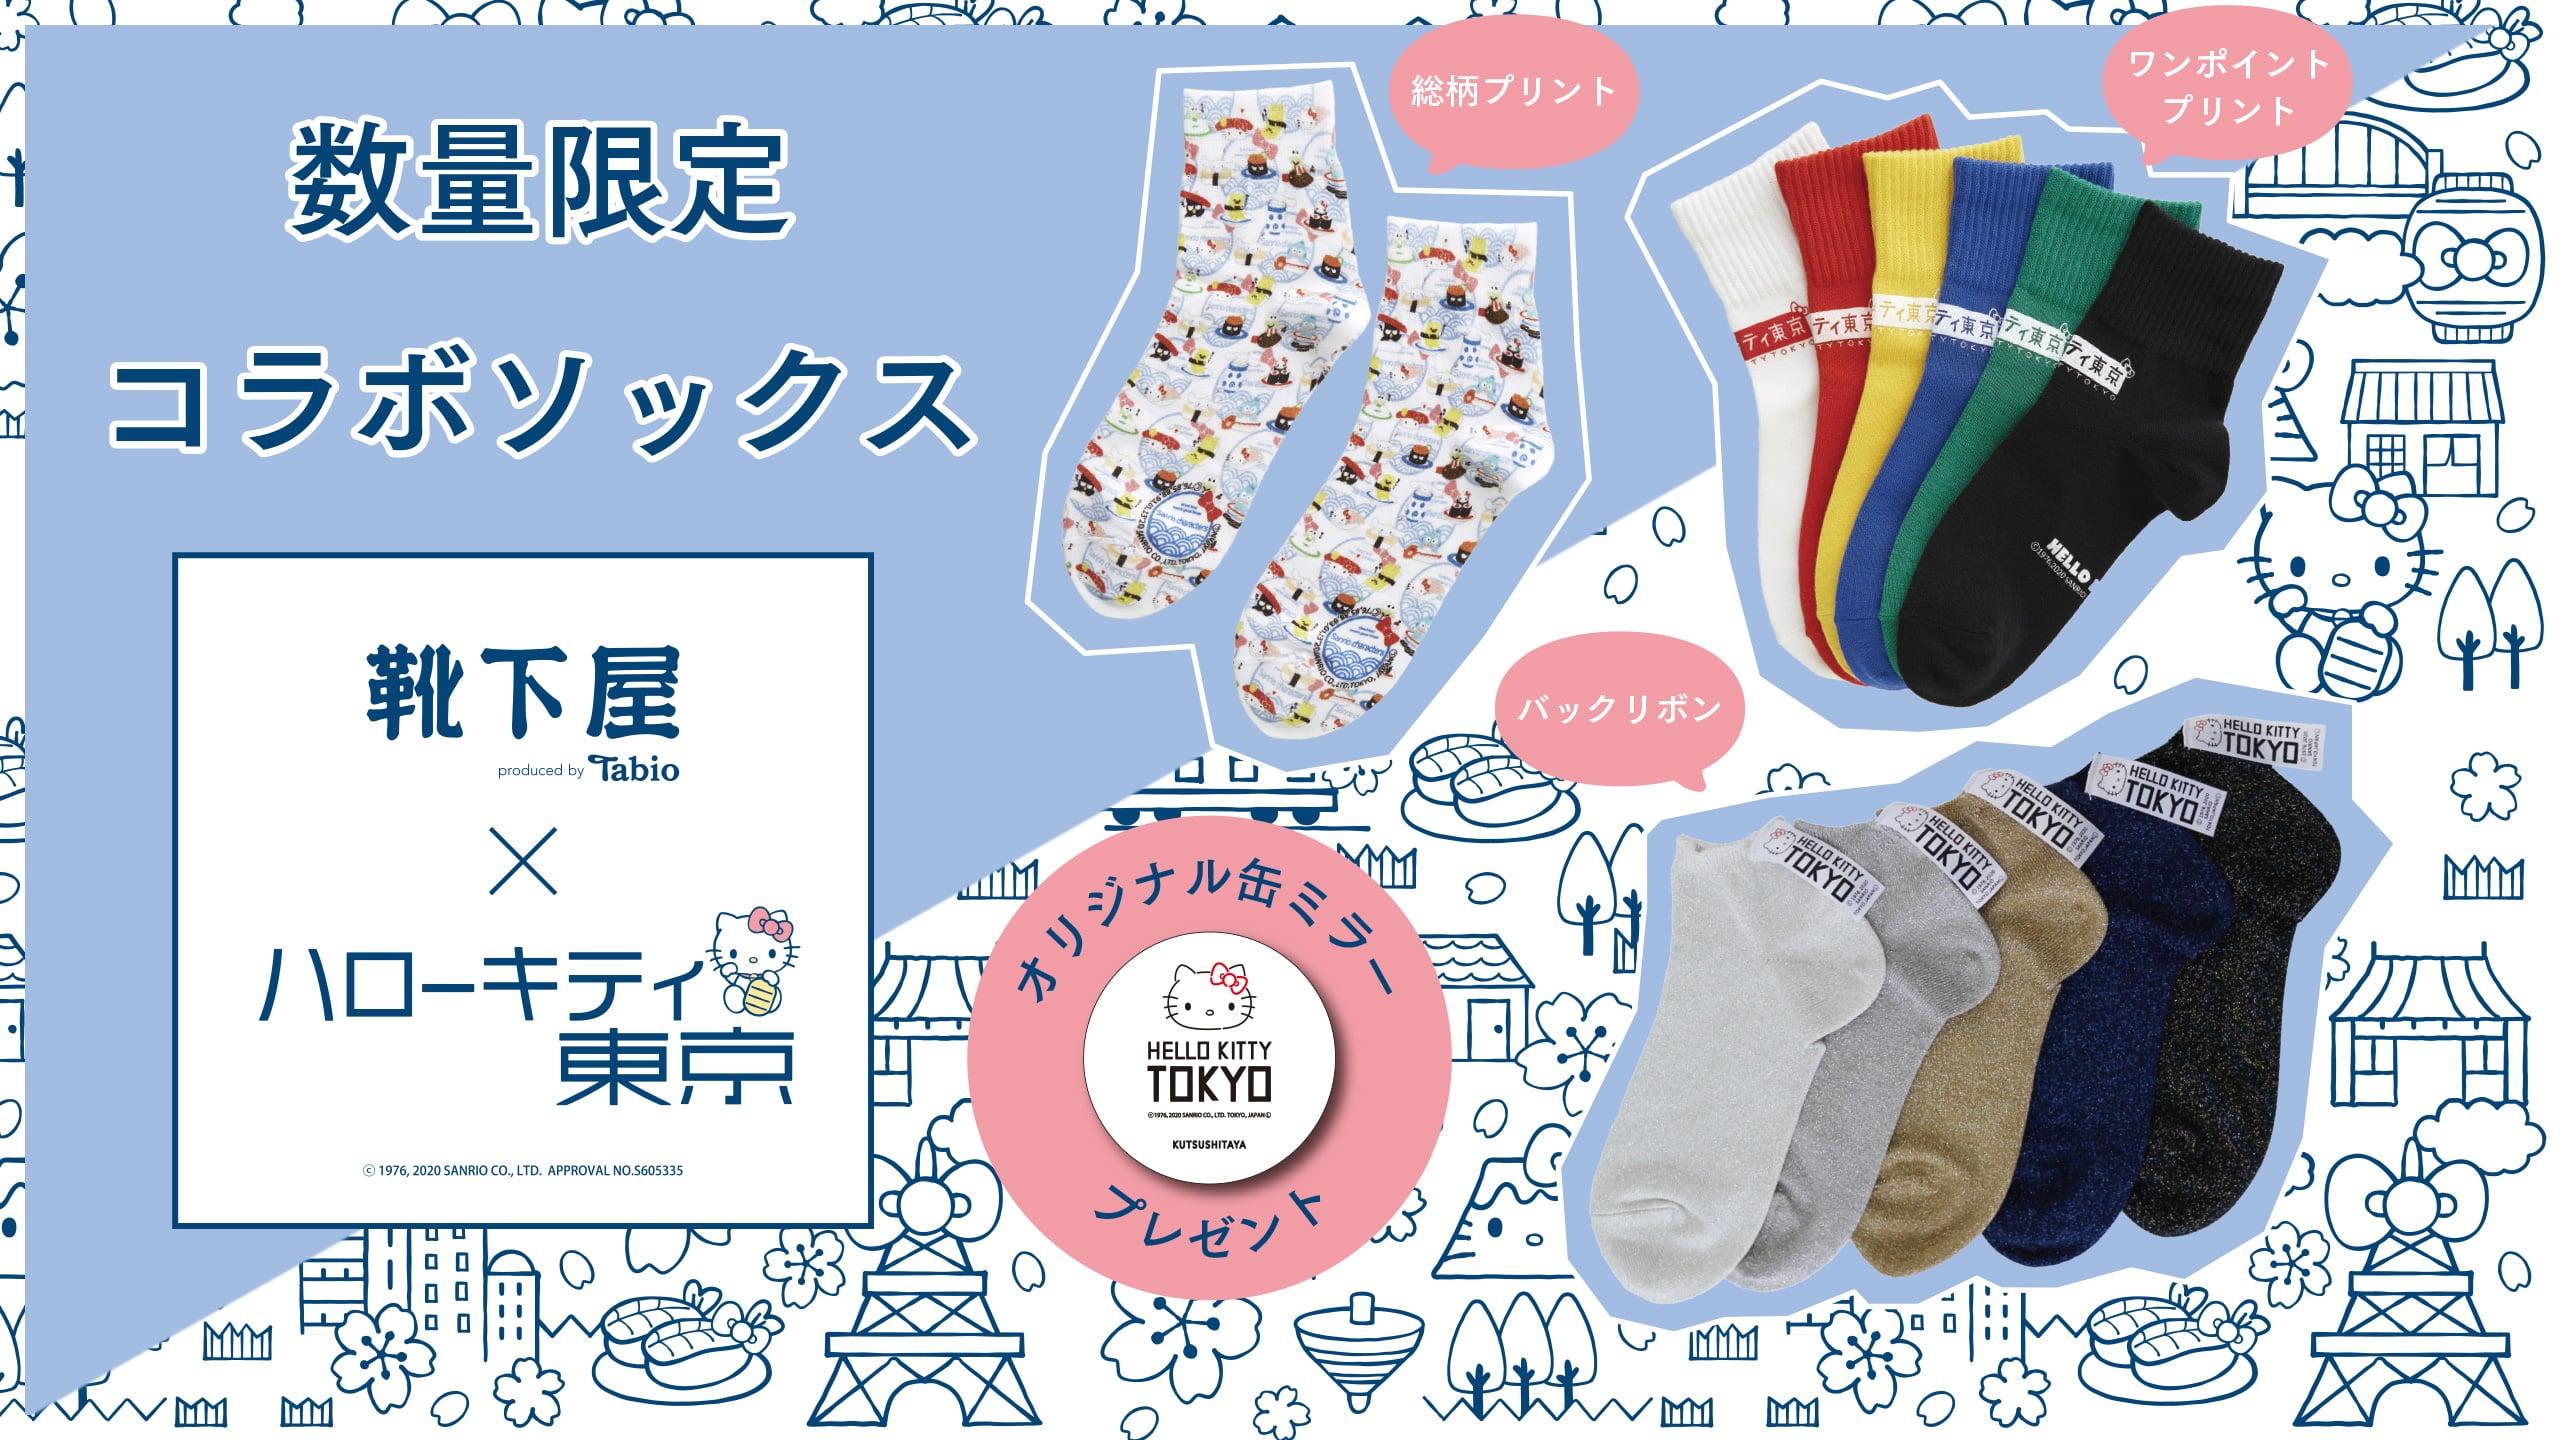 オンラインでは本日から先行販売開始!靴下屋×サンリオキャラクターのコラボソックス